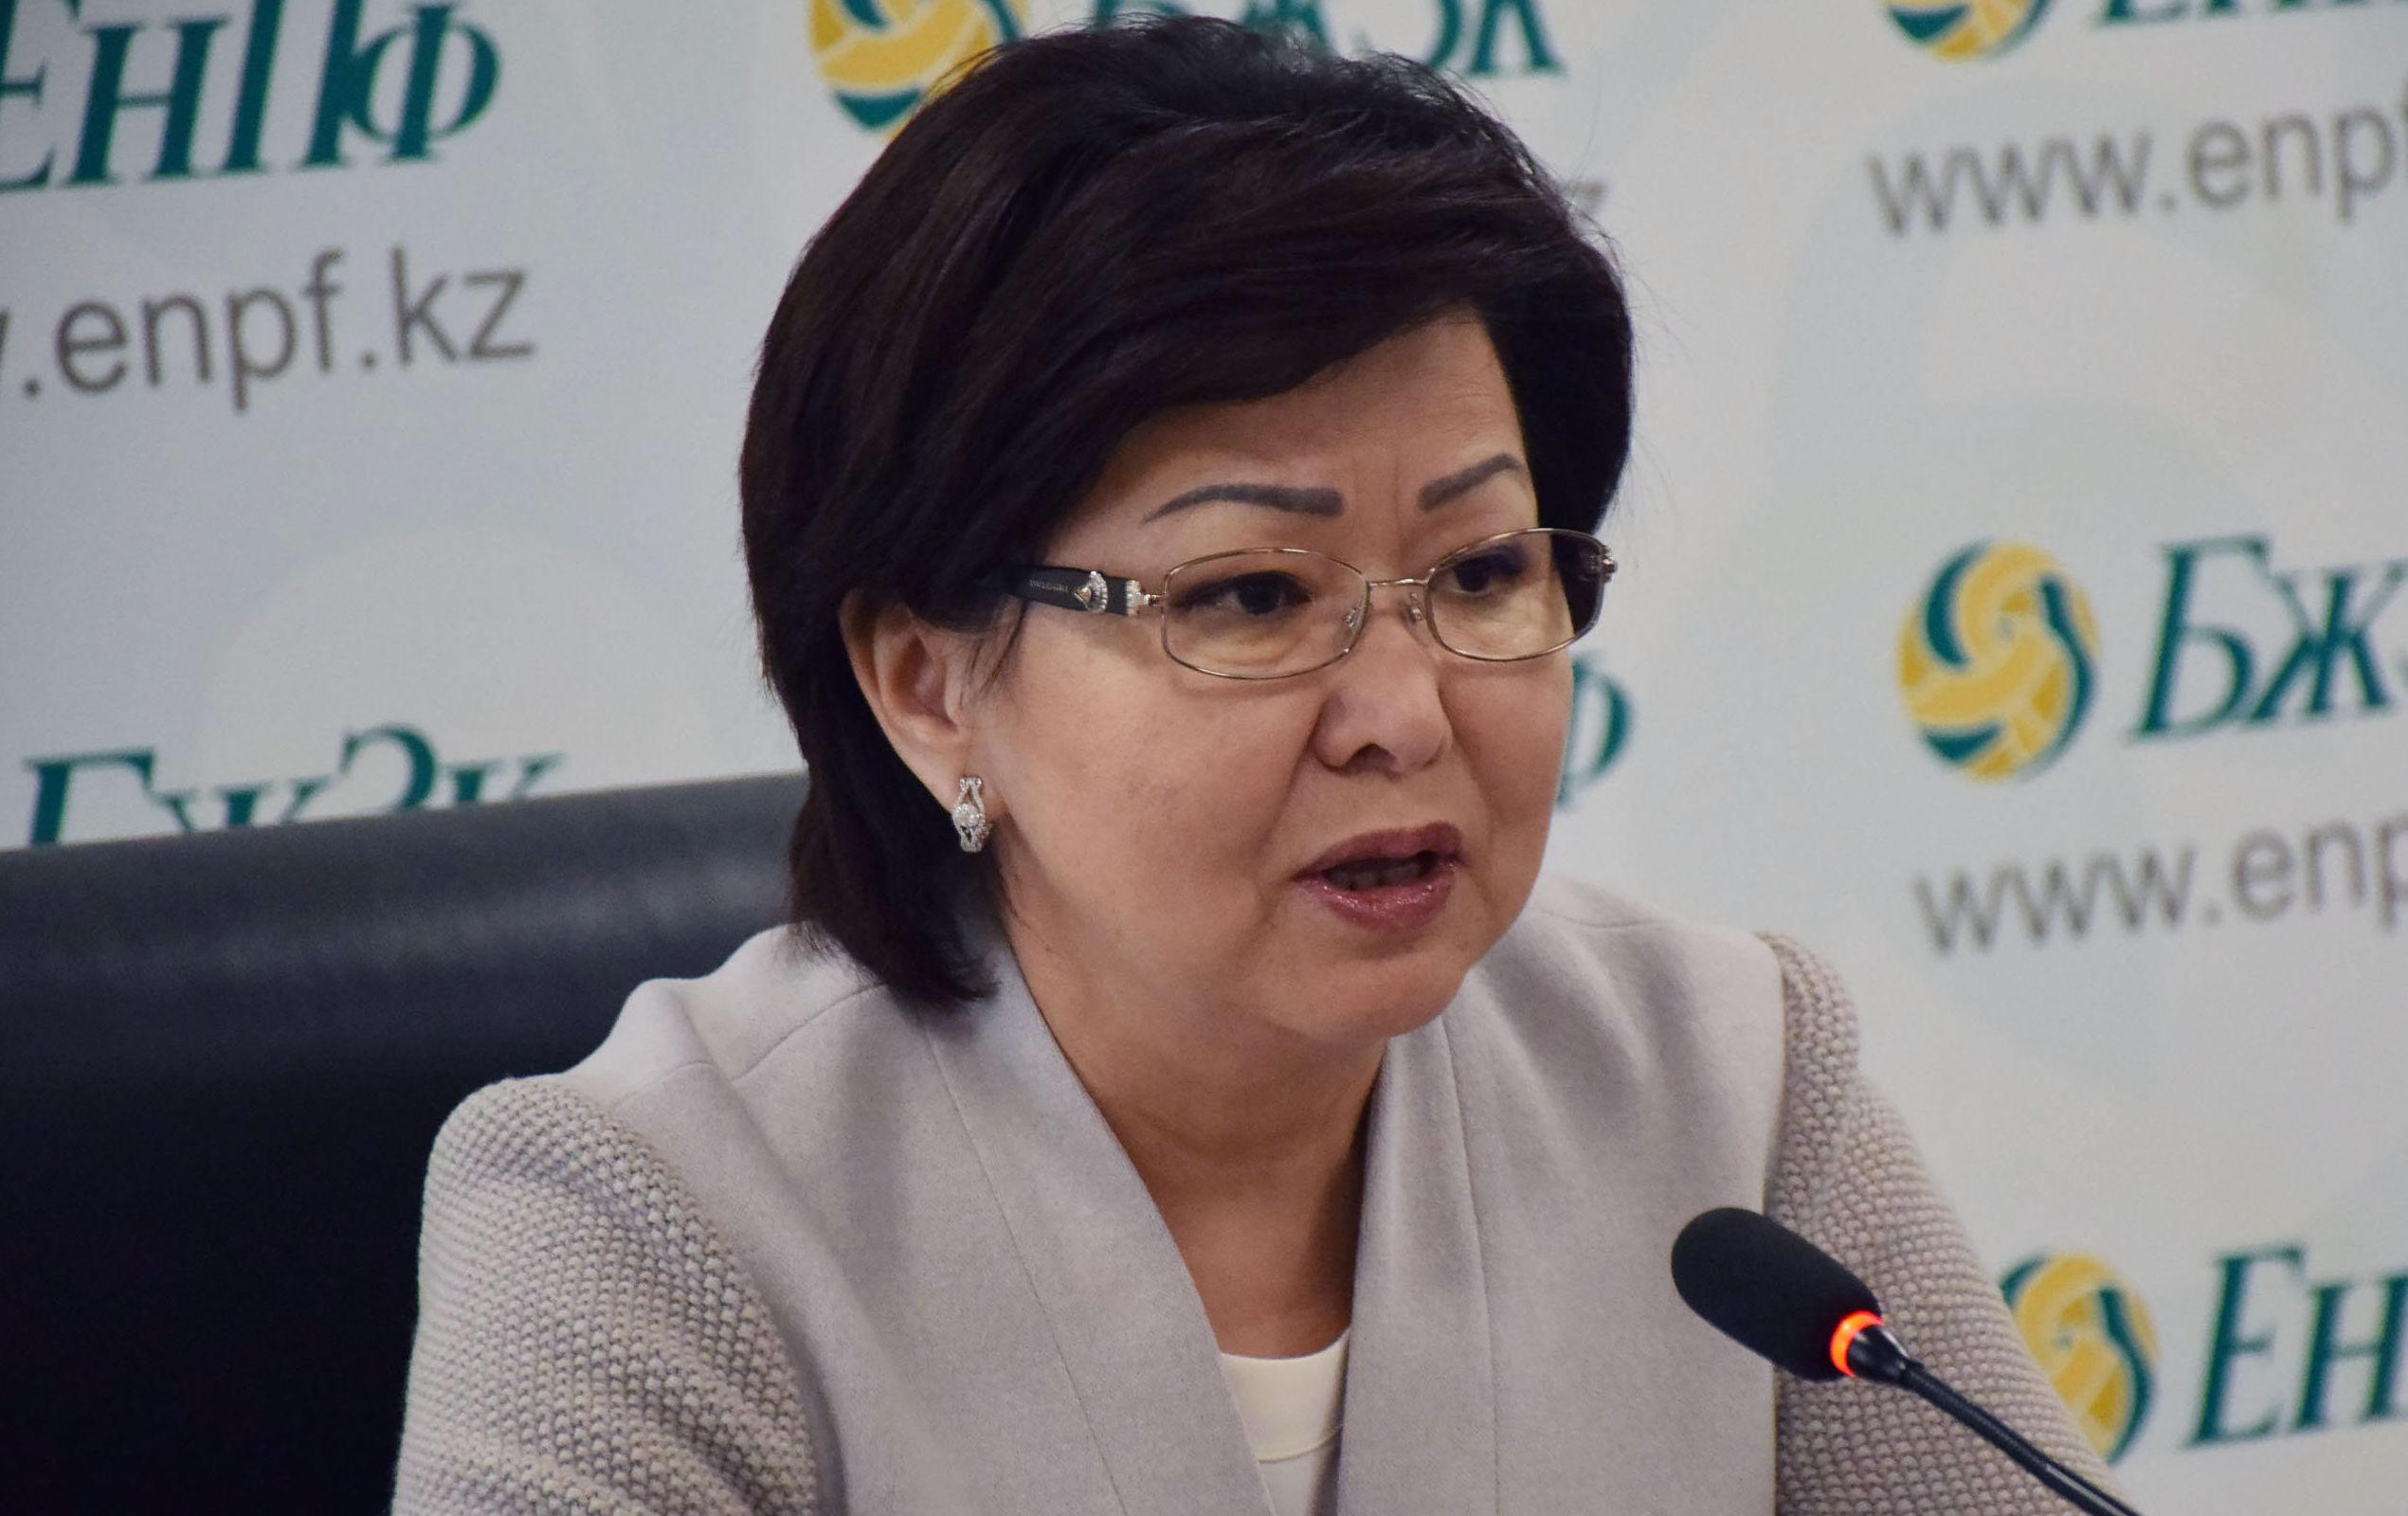 Нурбуби Наурызбаева ЕНПФ